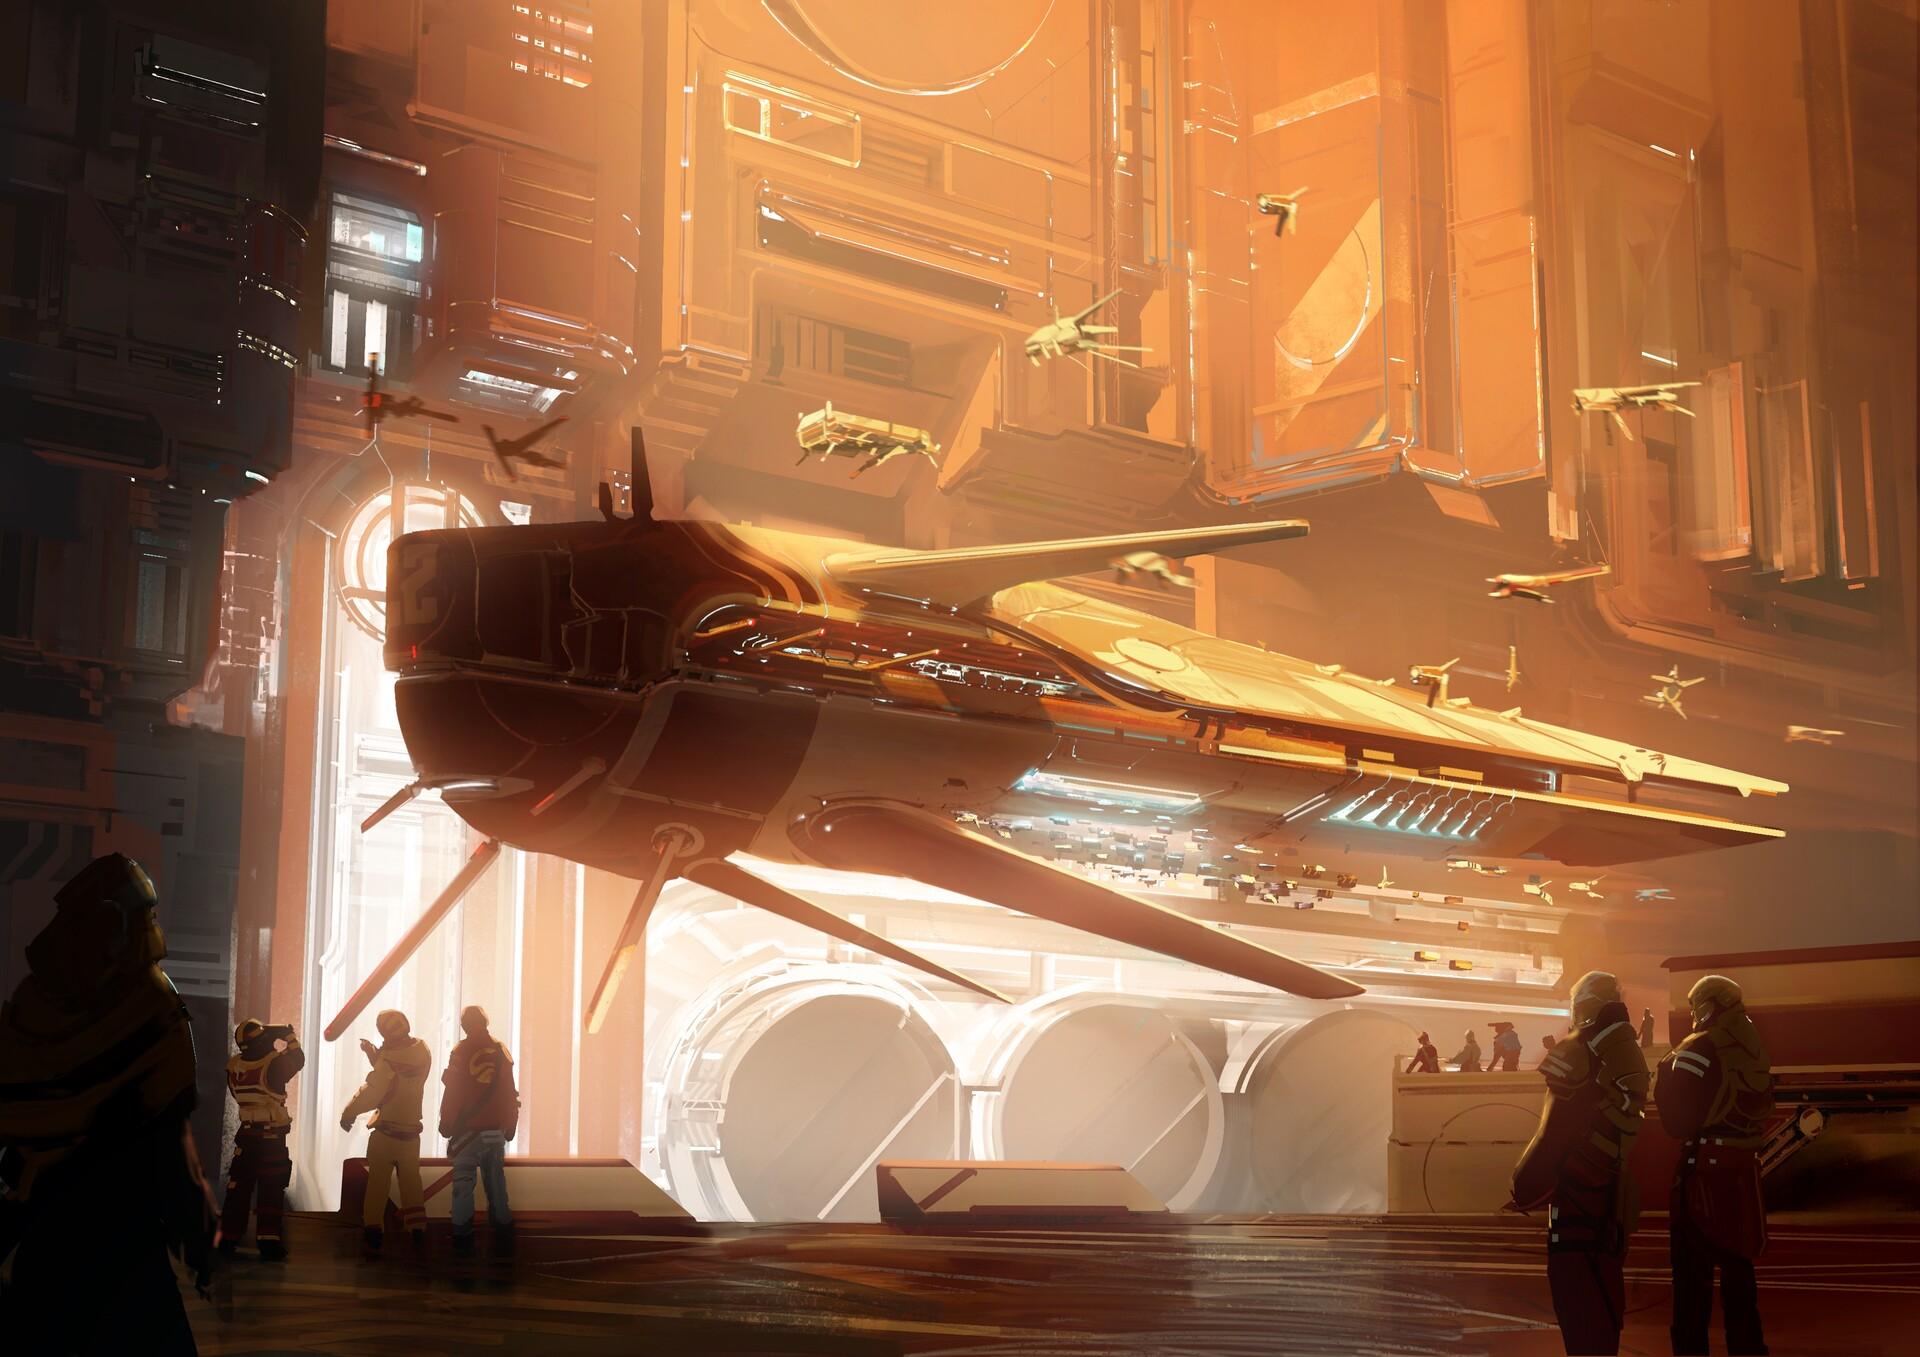 The Science Fiction Art of Stéphane Bourez